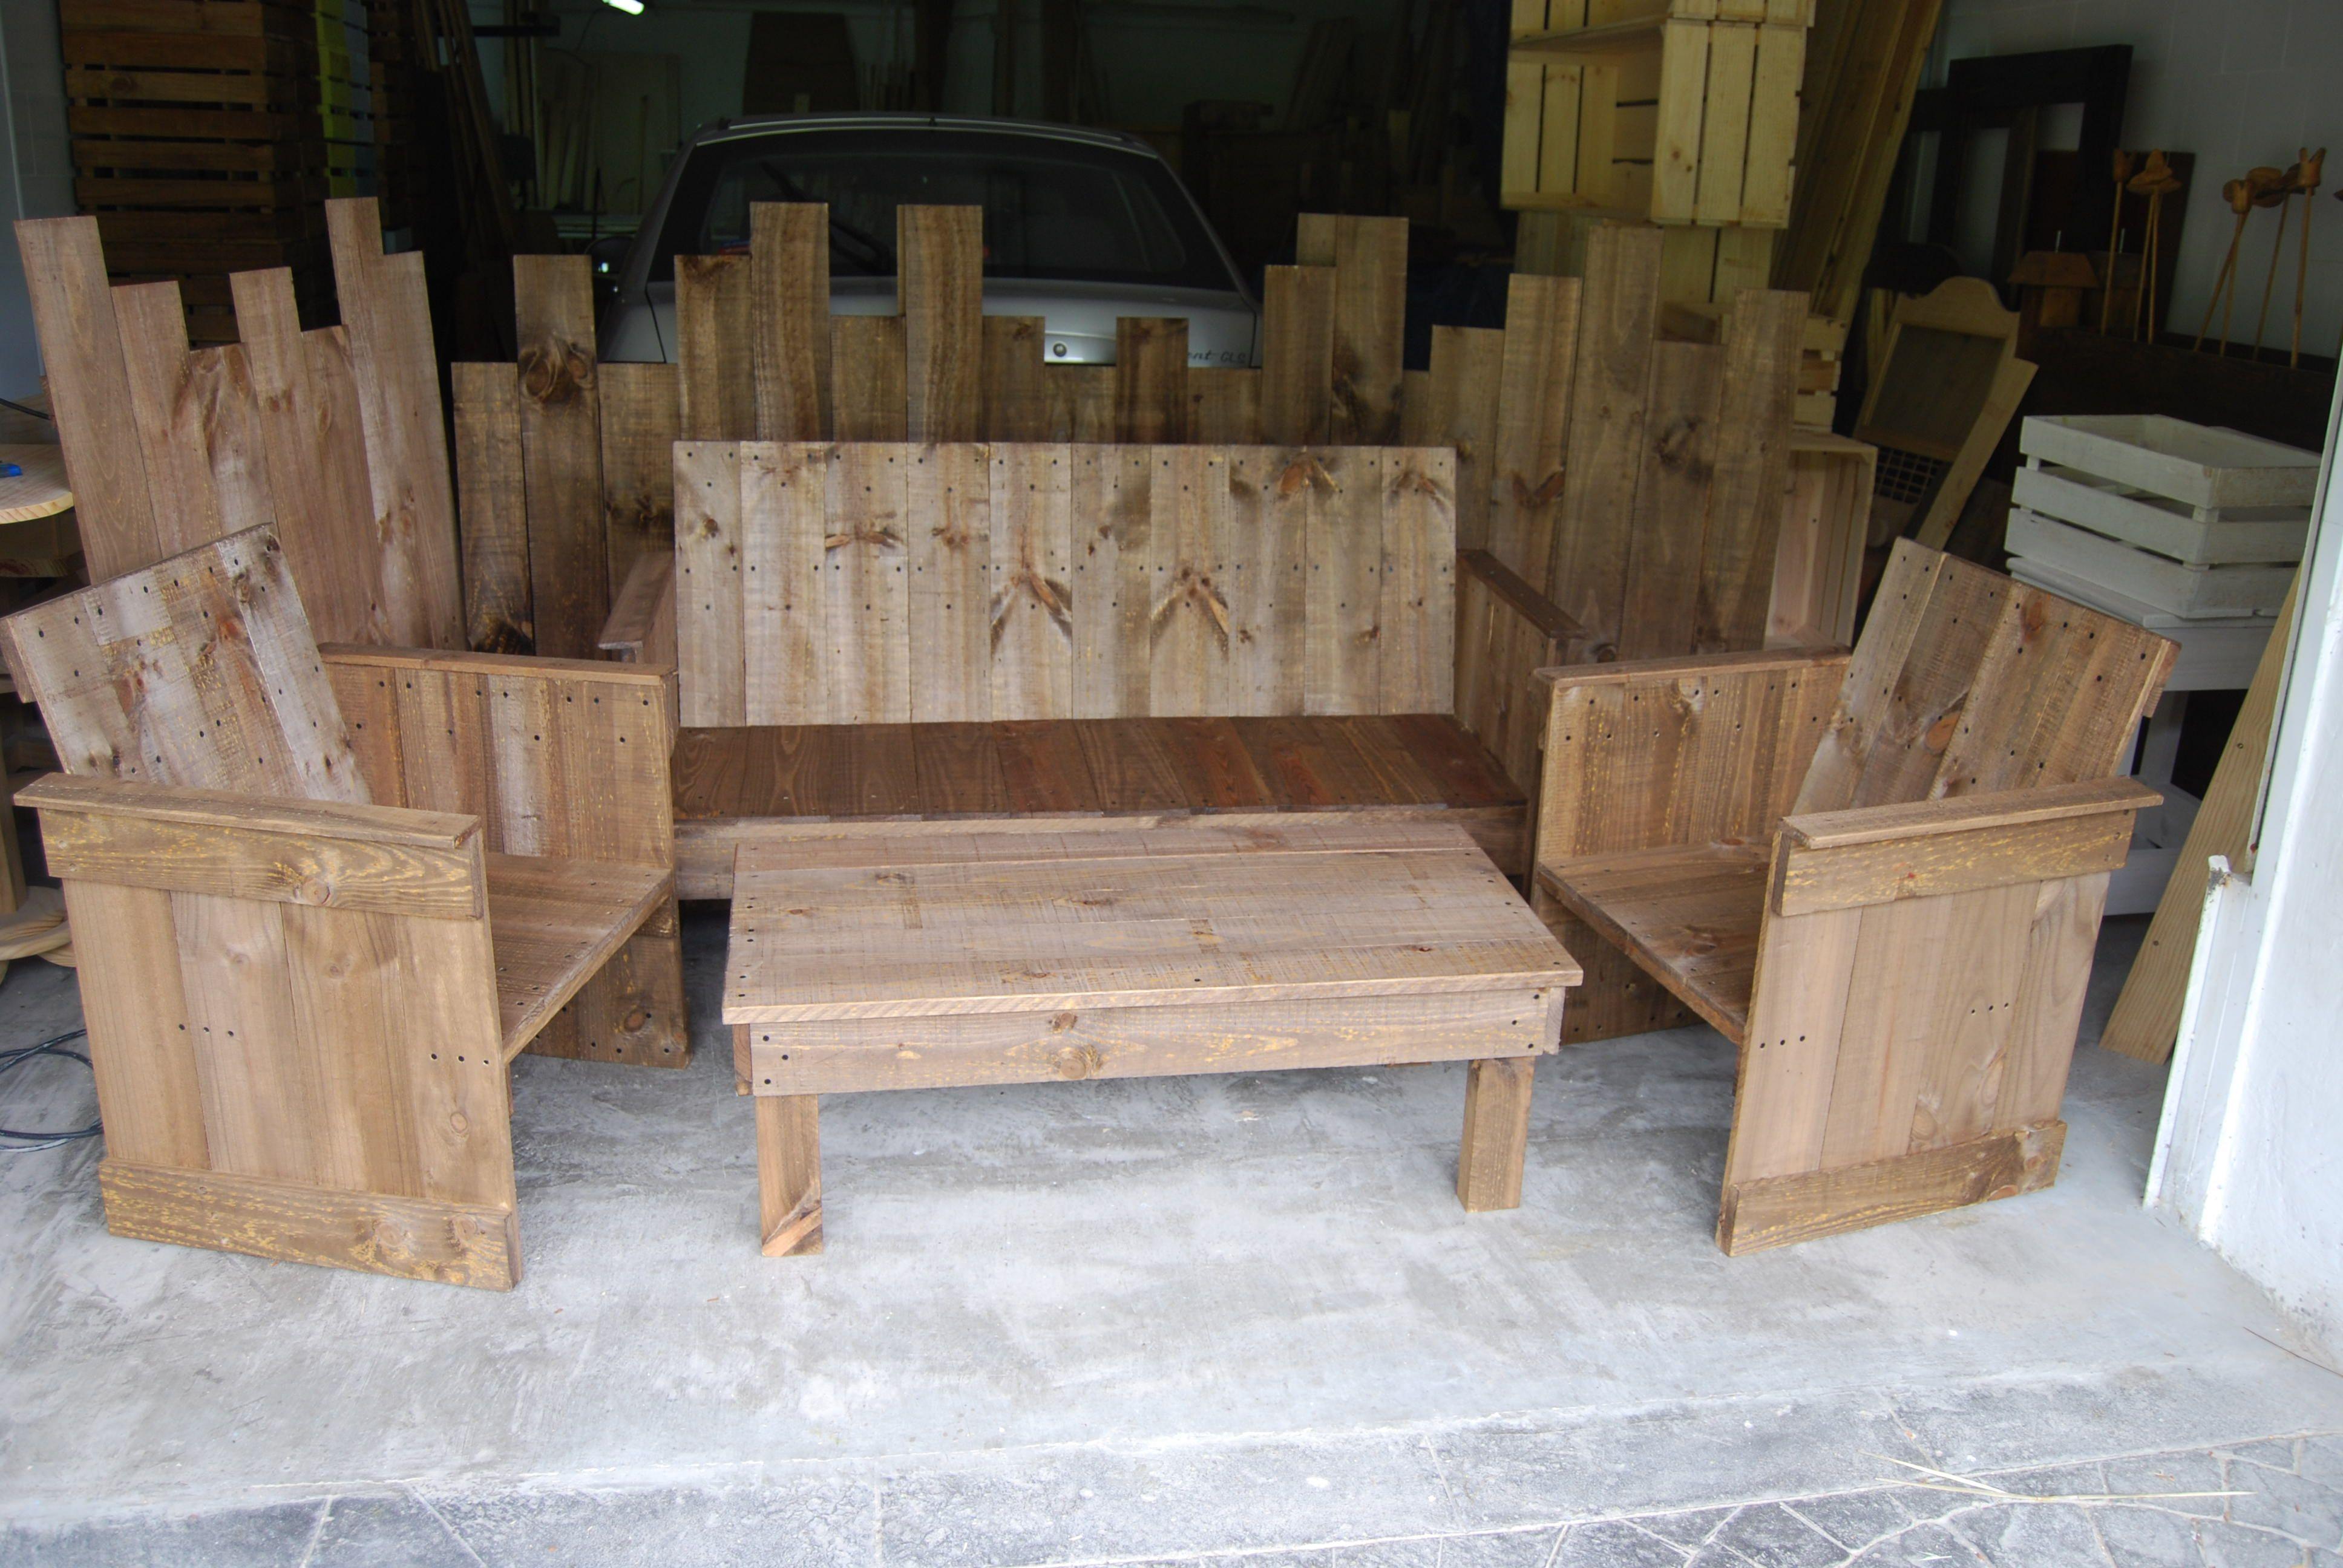 Sofá, Mesa Y Sillones Para Tu Jardín, Comedor O Negocio #madera #artesanal  #design #interior #exterior #decoracion #madera #wood